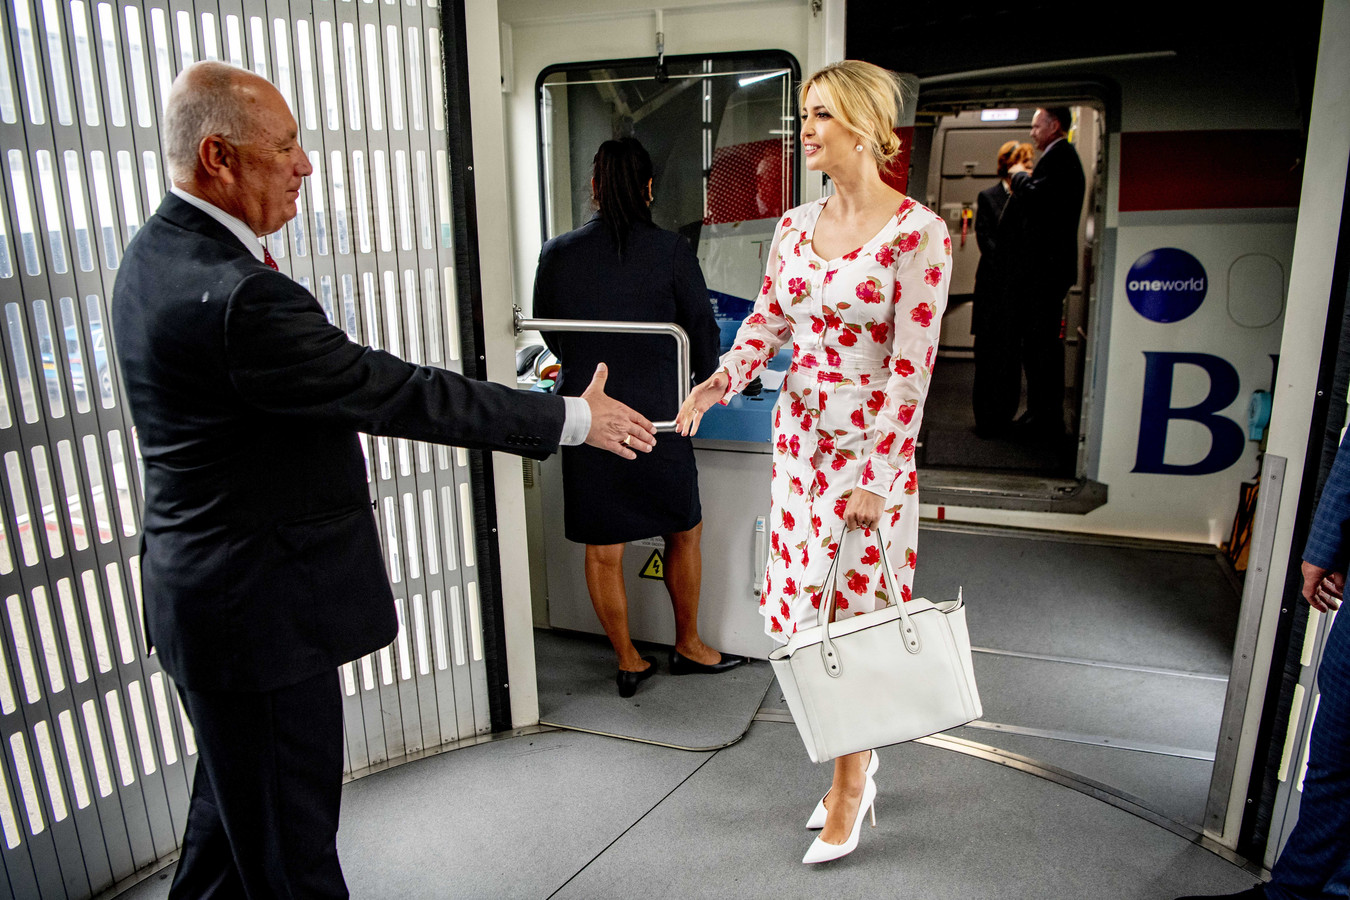 Begin juni verwelkomde ambassadeur Pete Hoekstra Trumps' dochter Ivanka nog in Nederland. Nu zou hij door haar vader terug naar Washington worden geroepen.